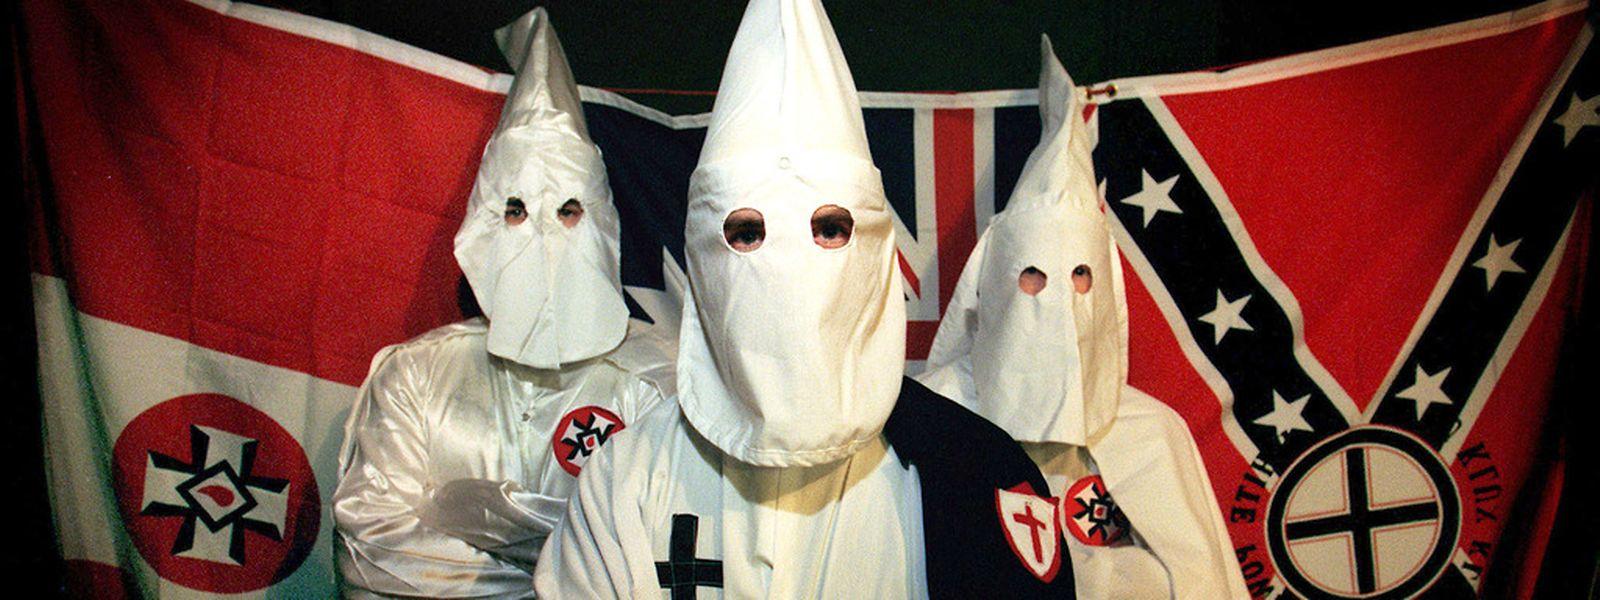 Nicht ohne meine Kapuze: Mitglieder des australischen Ku-Klux-Klans in Sydney.